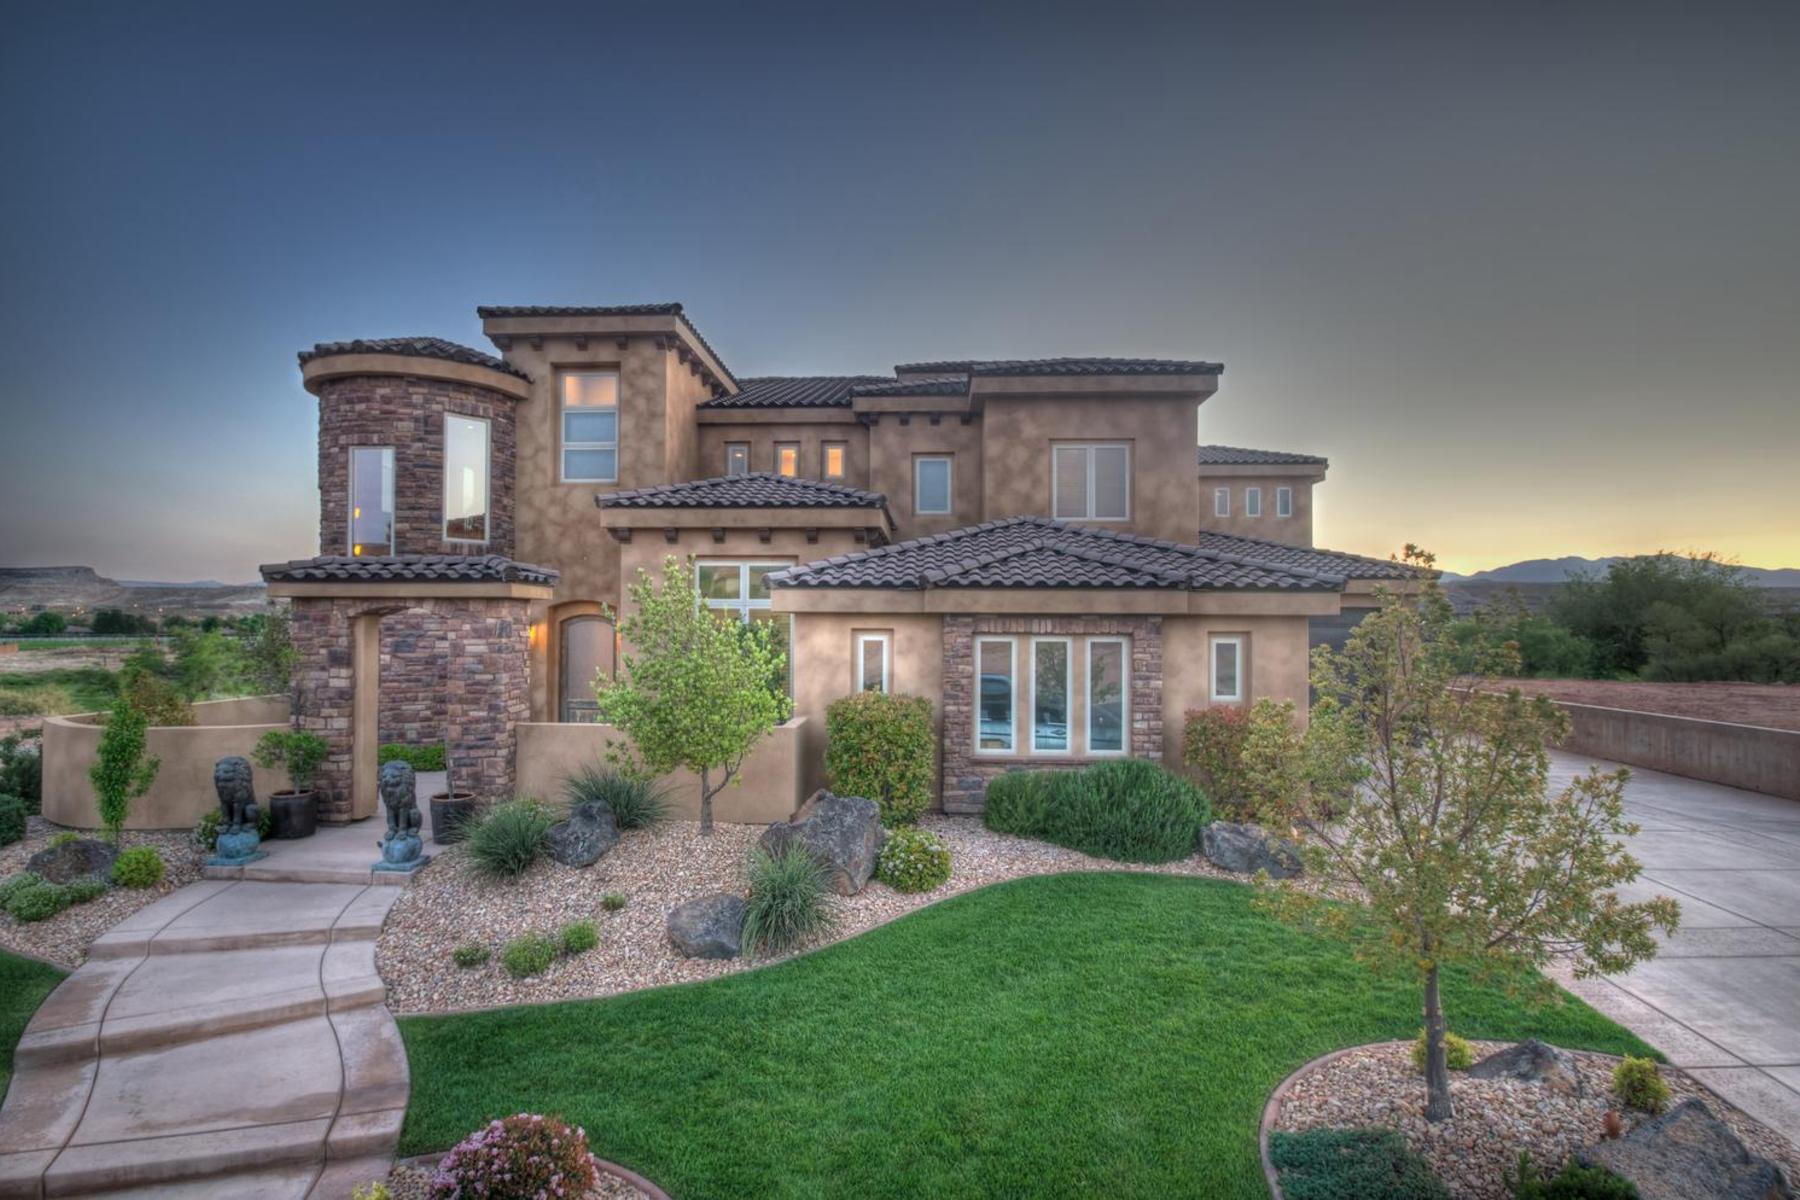 Nhà ở một gia đình vì Bán tại Stunning home on Sunbrook Golf Course 411 N North Star Dr St. George, Utah 84770 Hoa Kỳ